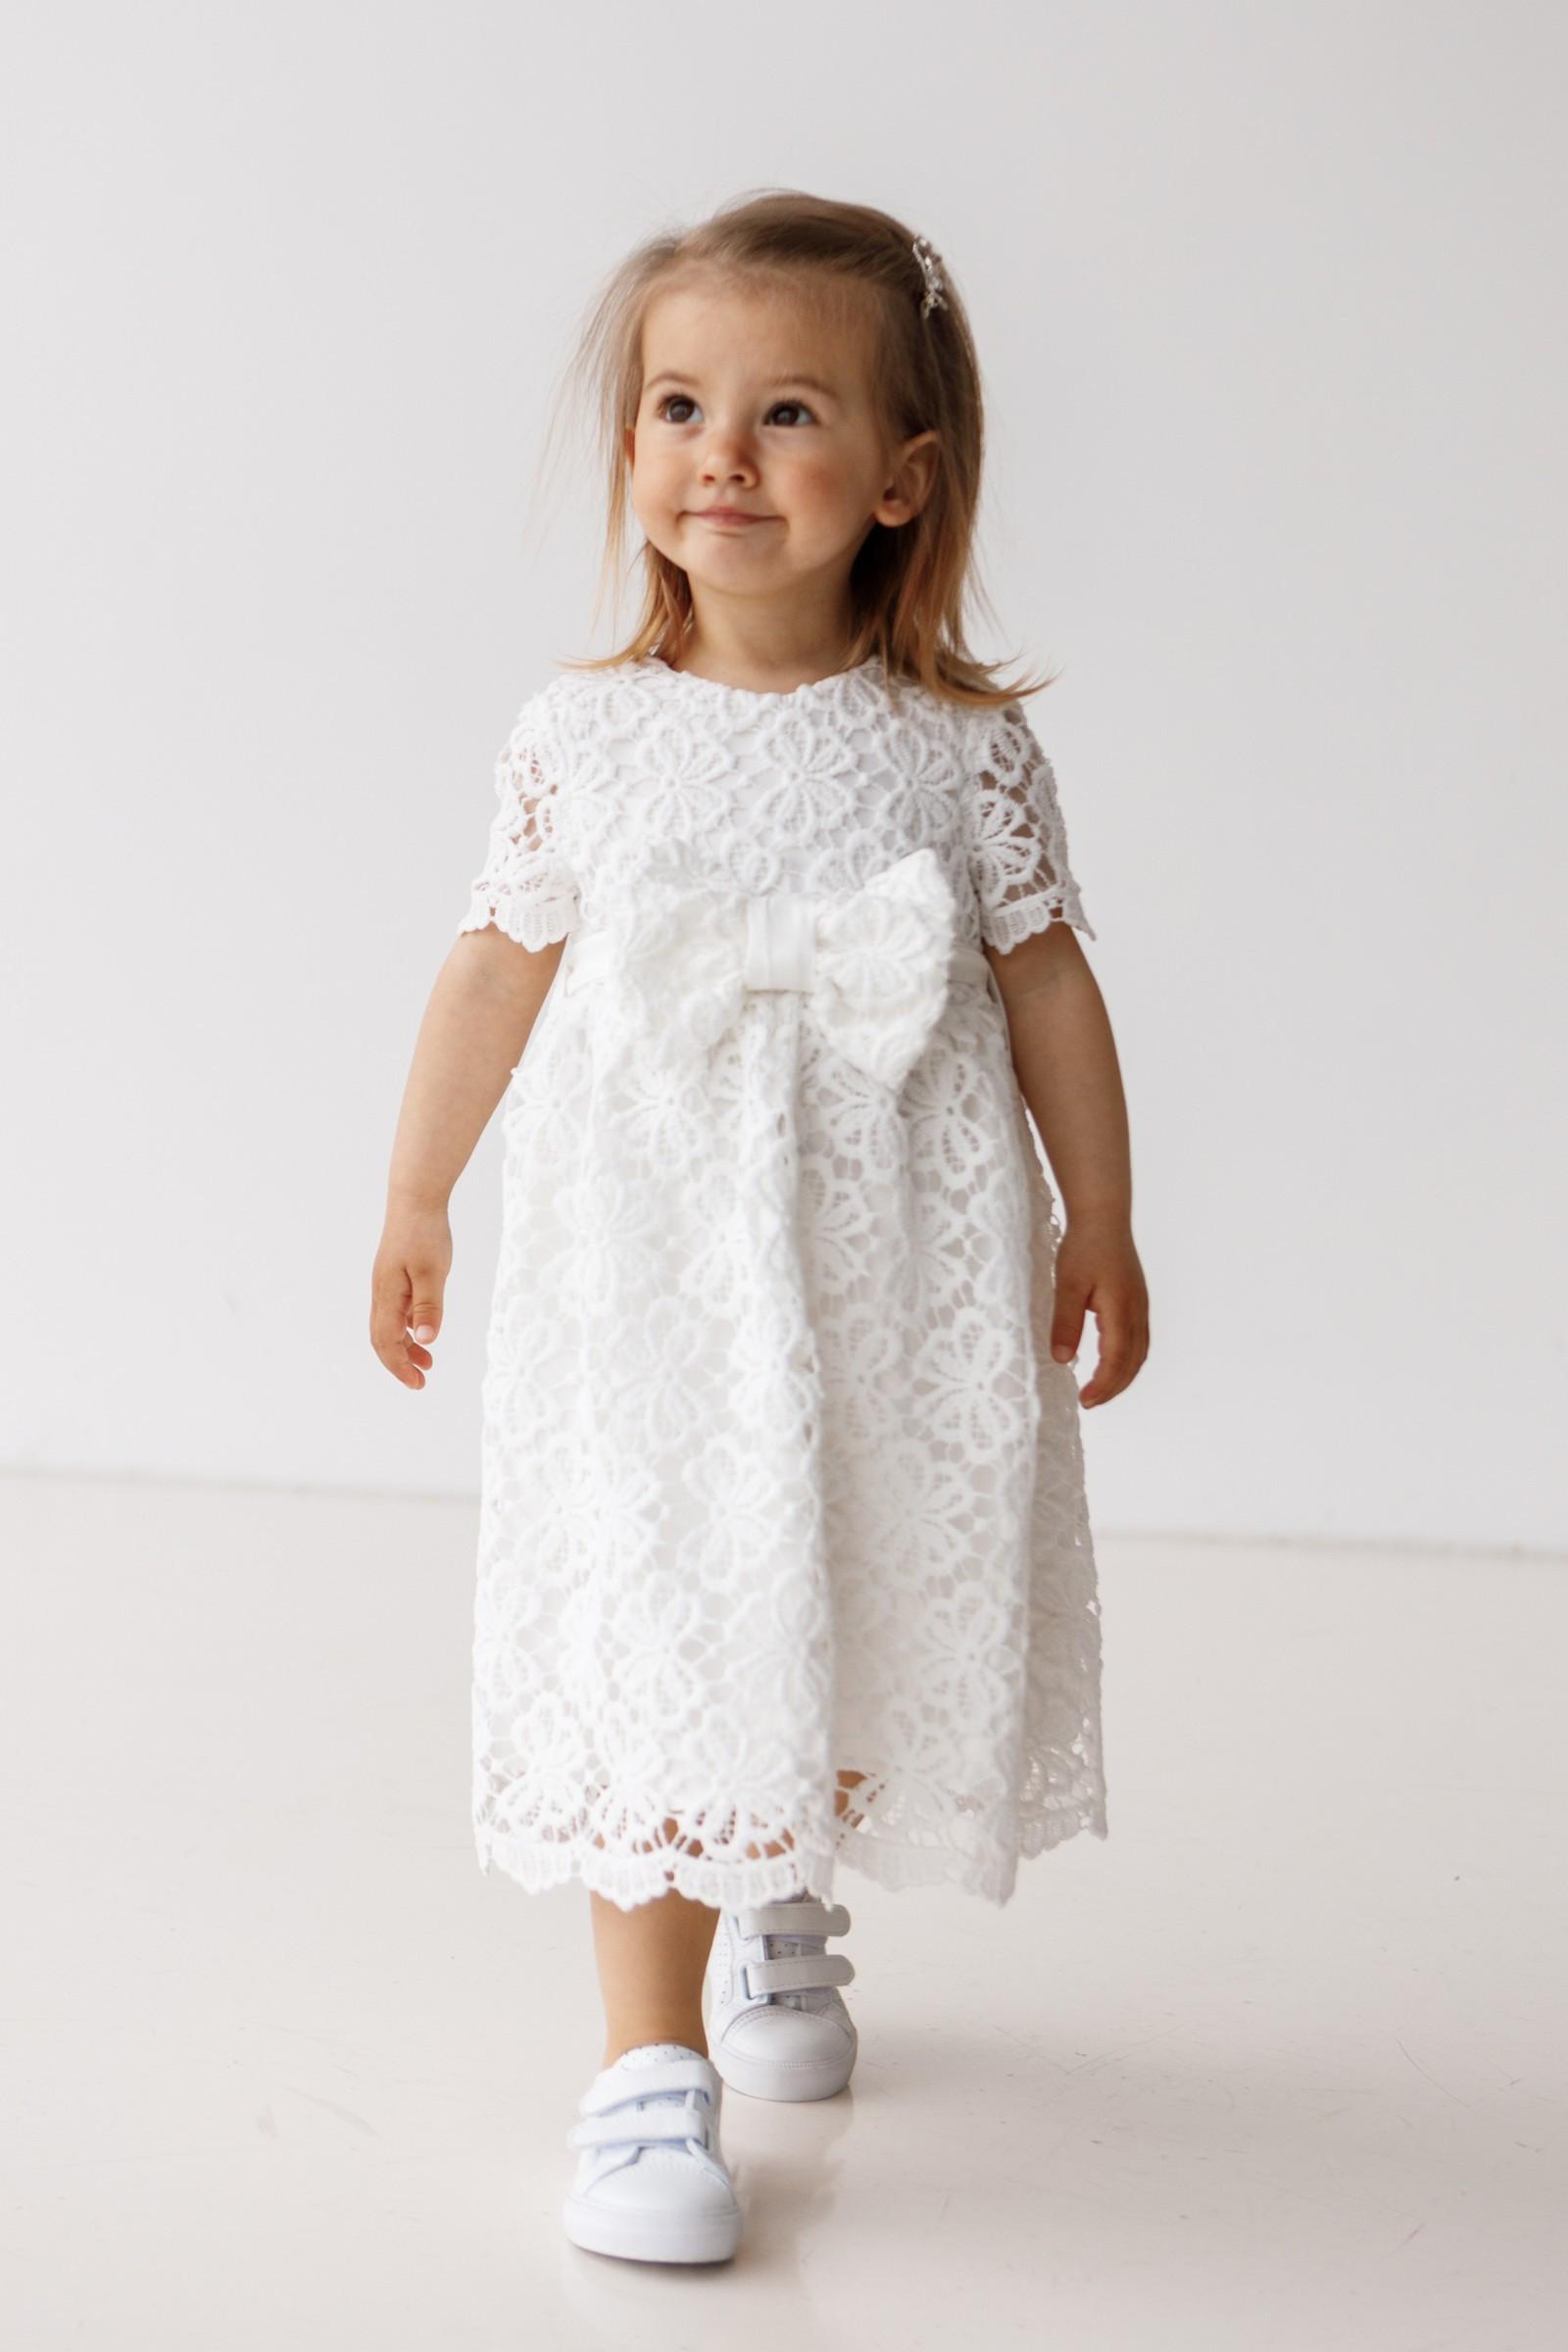 Плаття Келлі, фото №1